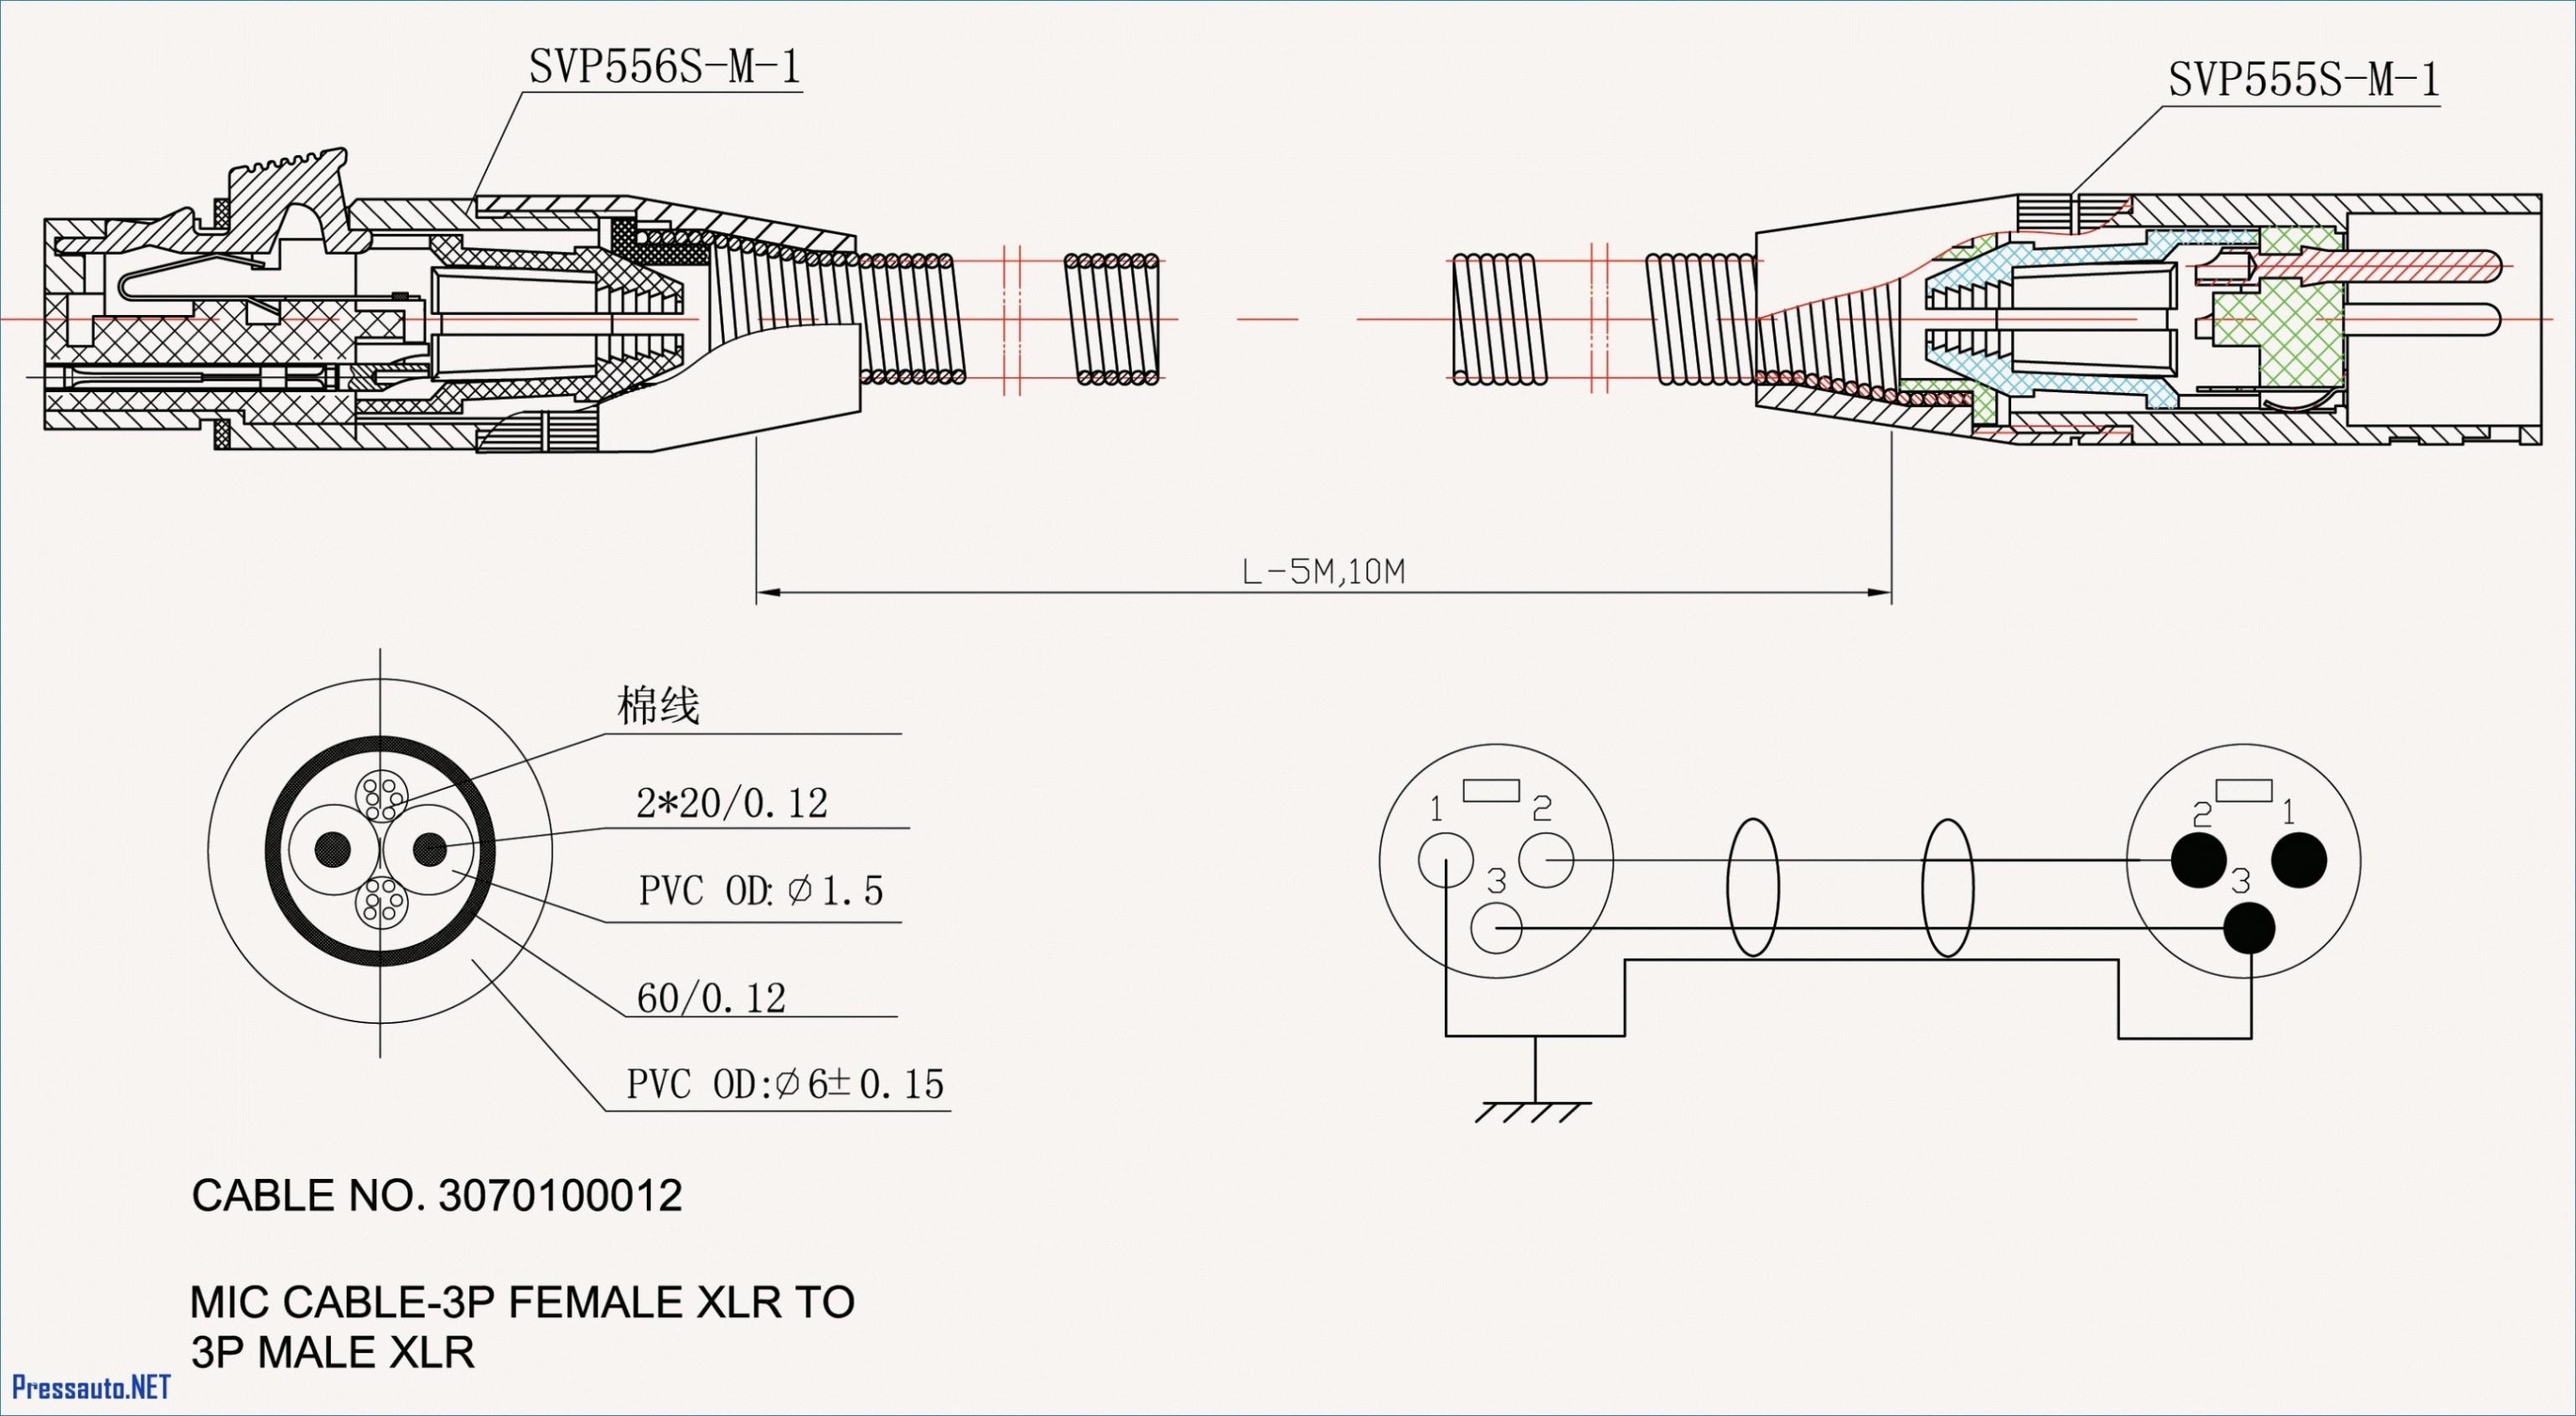 L14 30 Wiring Diagram – Nema L14 30 Wiring Diagram Unique Datei Nema - L14 30 Wiring Diagram